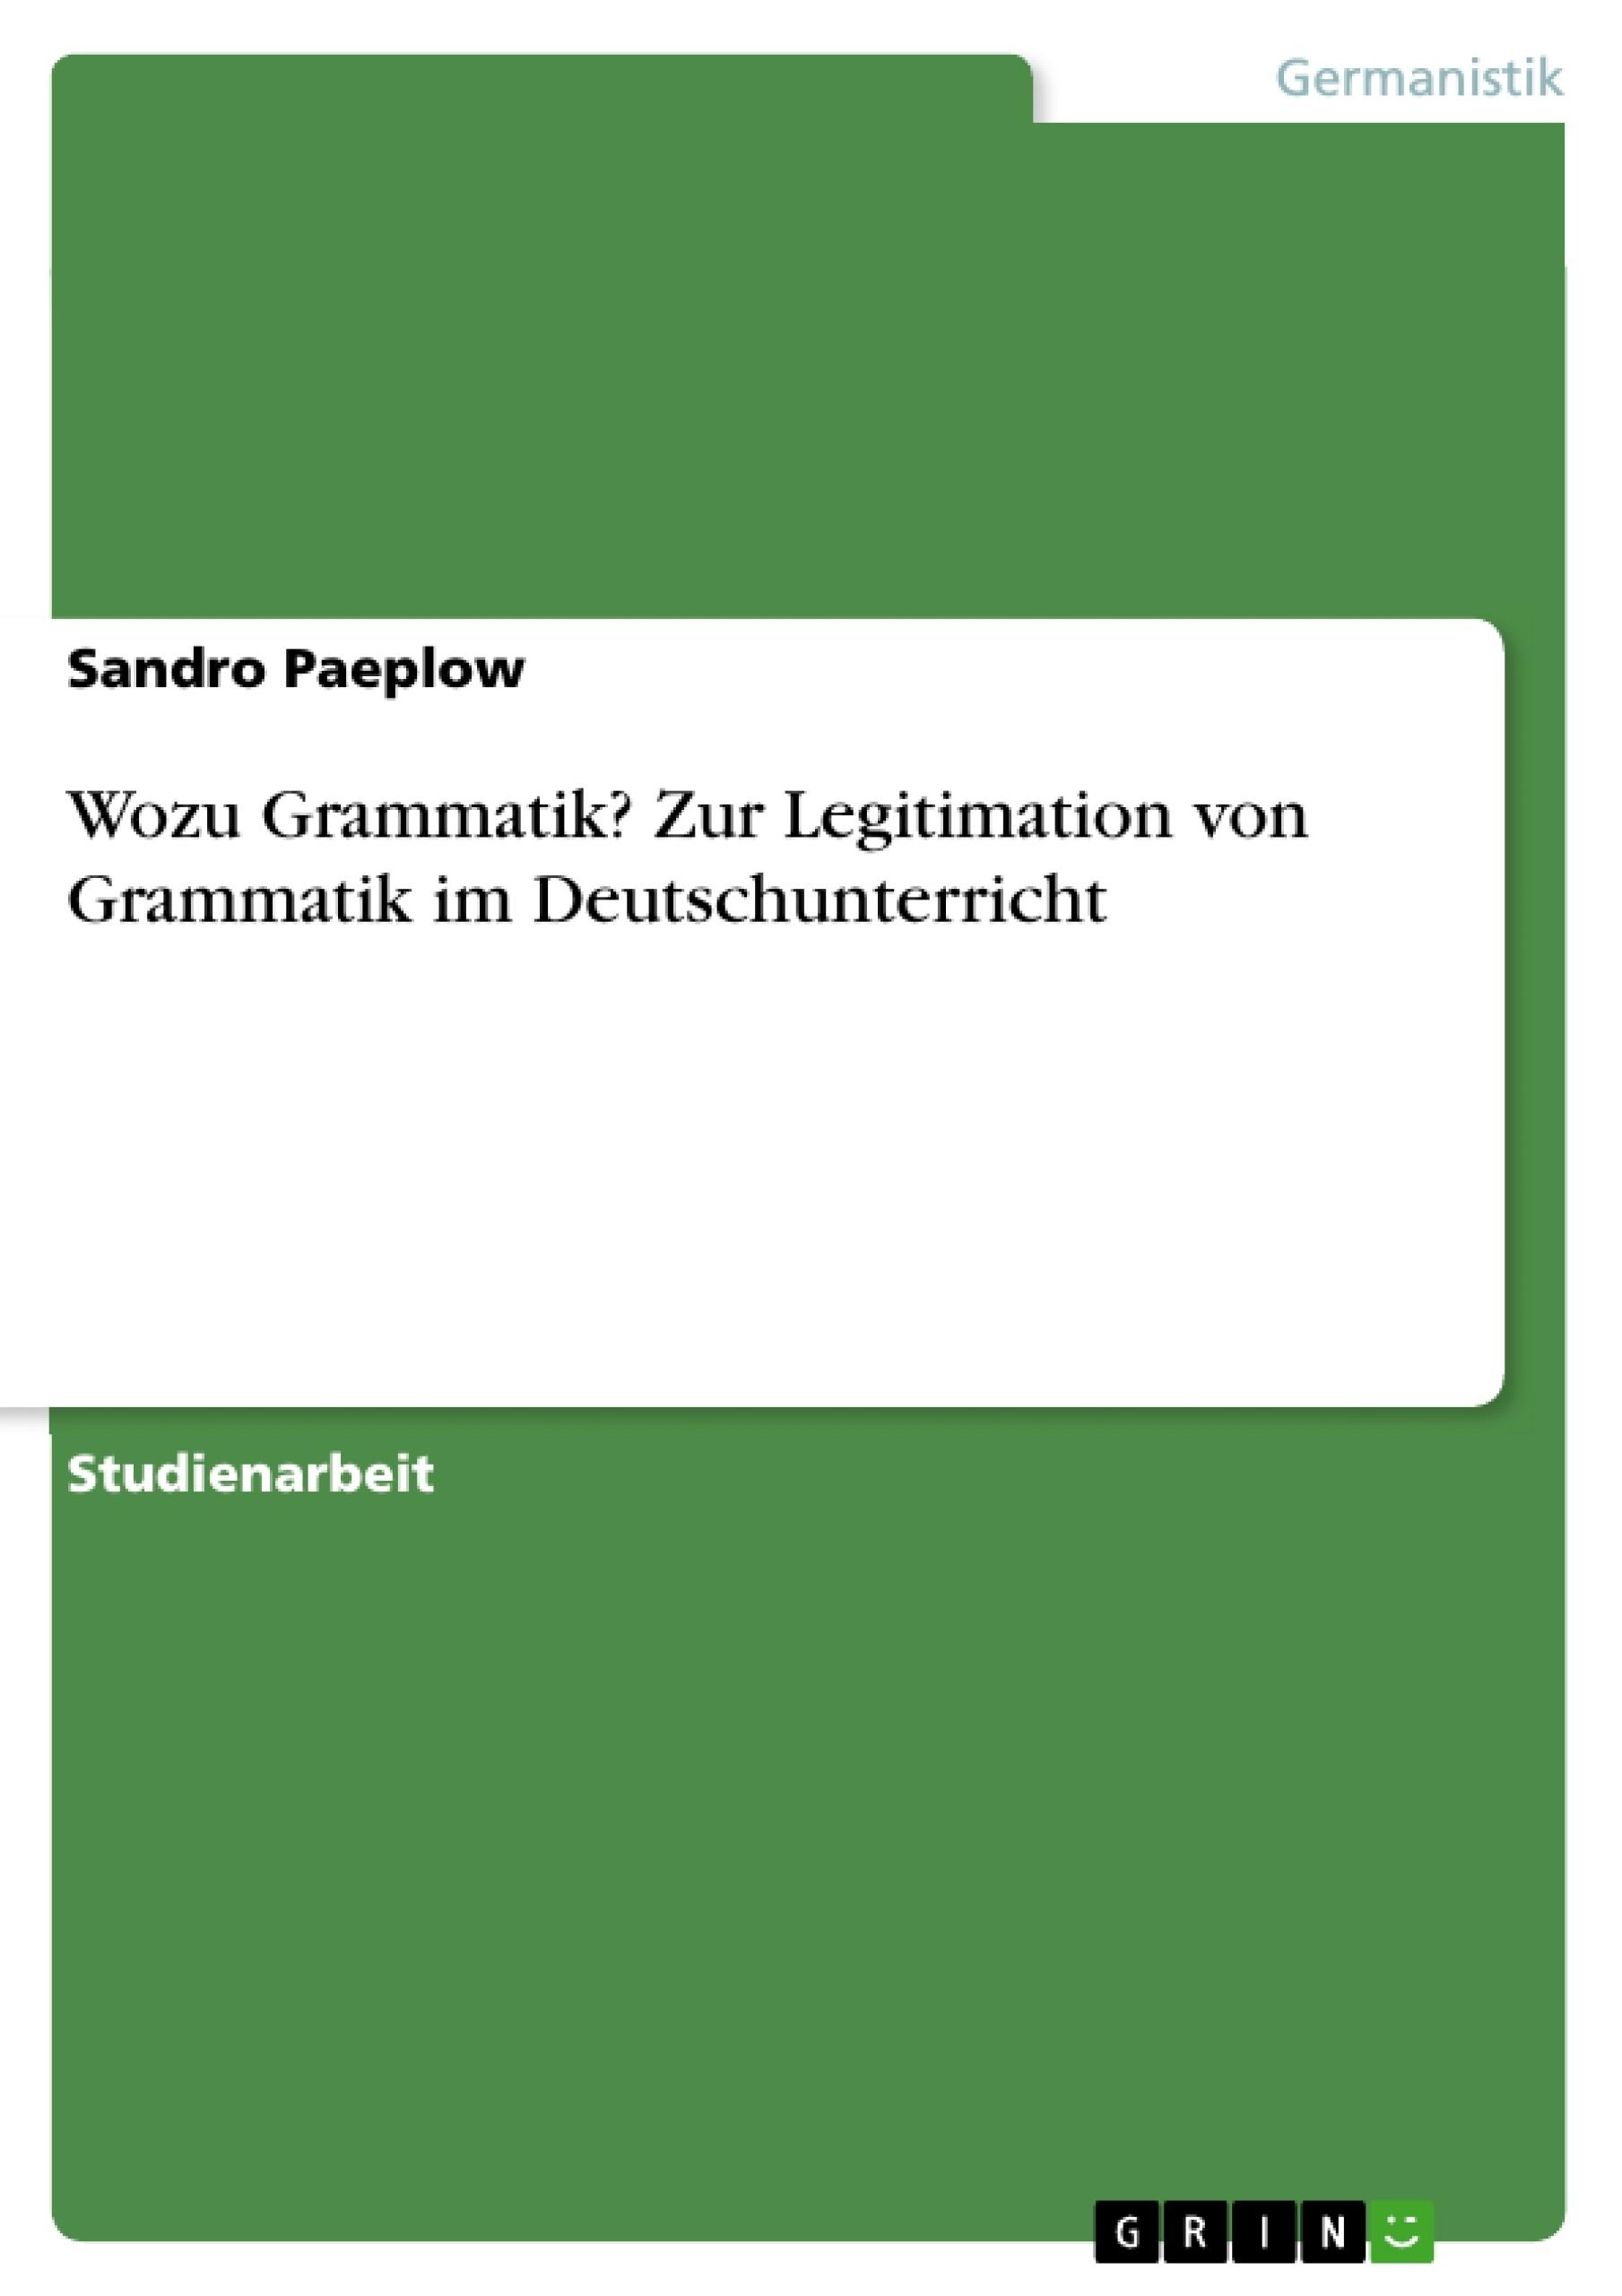 Titel: Wozu Grammatik? Zur Legitimation von Grammatik im Deutschunterricht